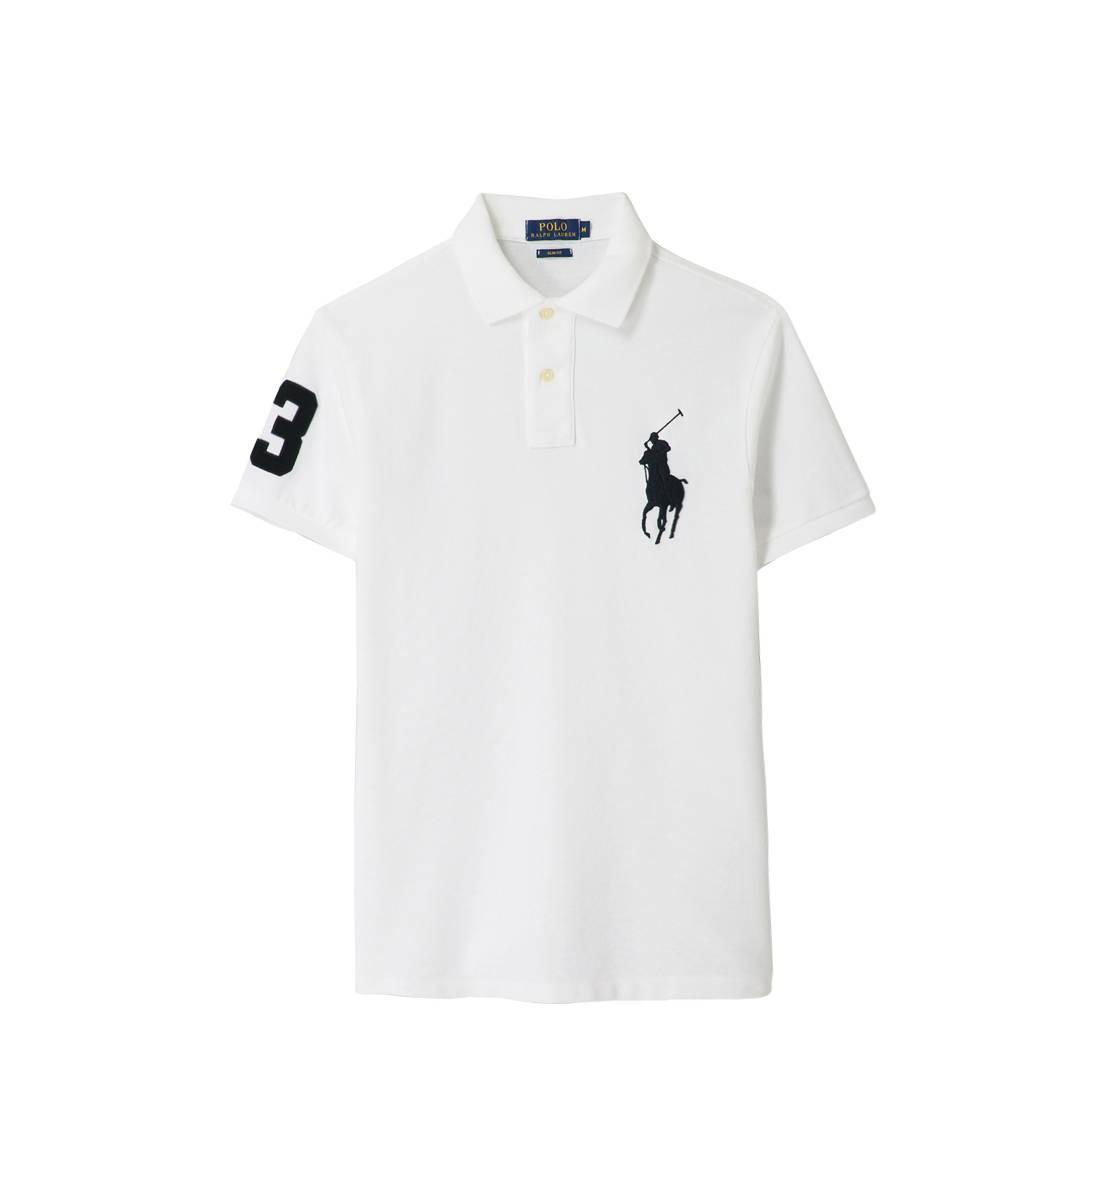 352ef88fb16c7 ralph lauren chemise mann cheval decontracte marque 1324 blanc